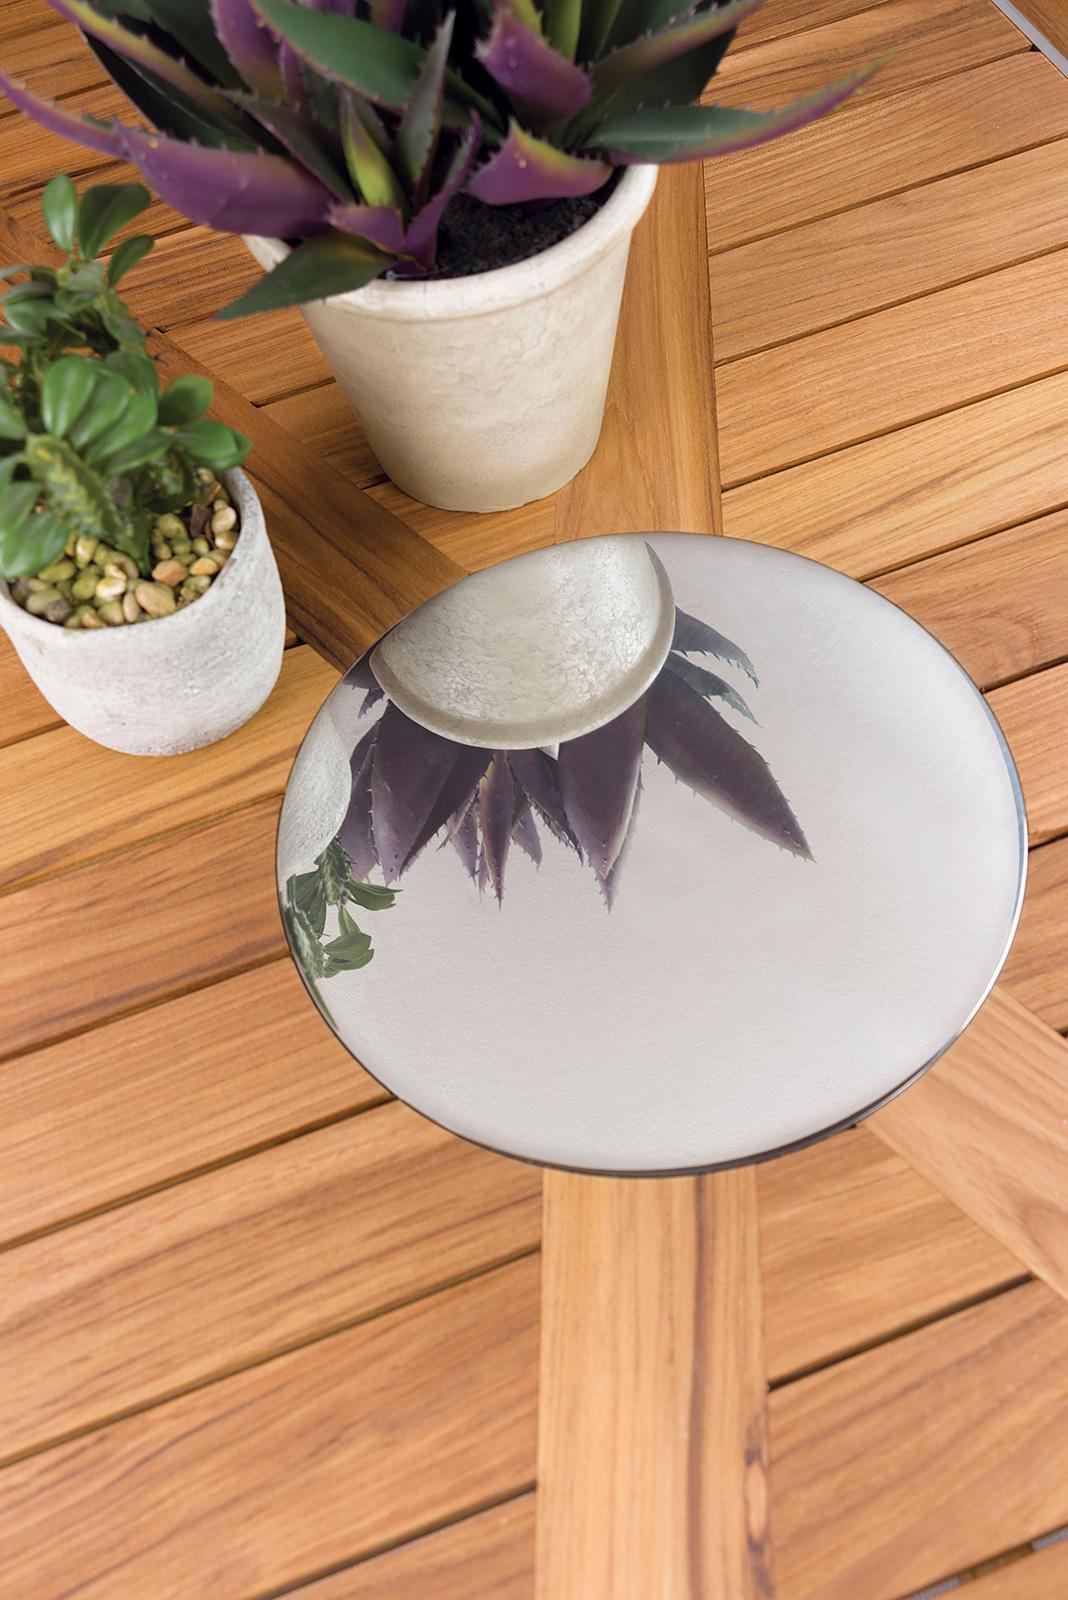 Tavolo da esterno rettangolare con piano in teak Indonesiano. Decoro in acciaio satinato. Tavolo da pranzo per il giardino di alta qualità. Vendità online.